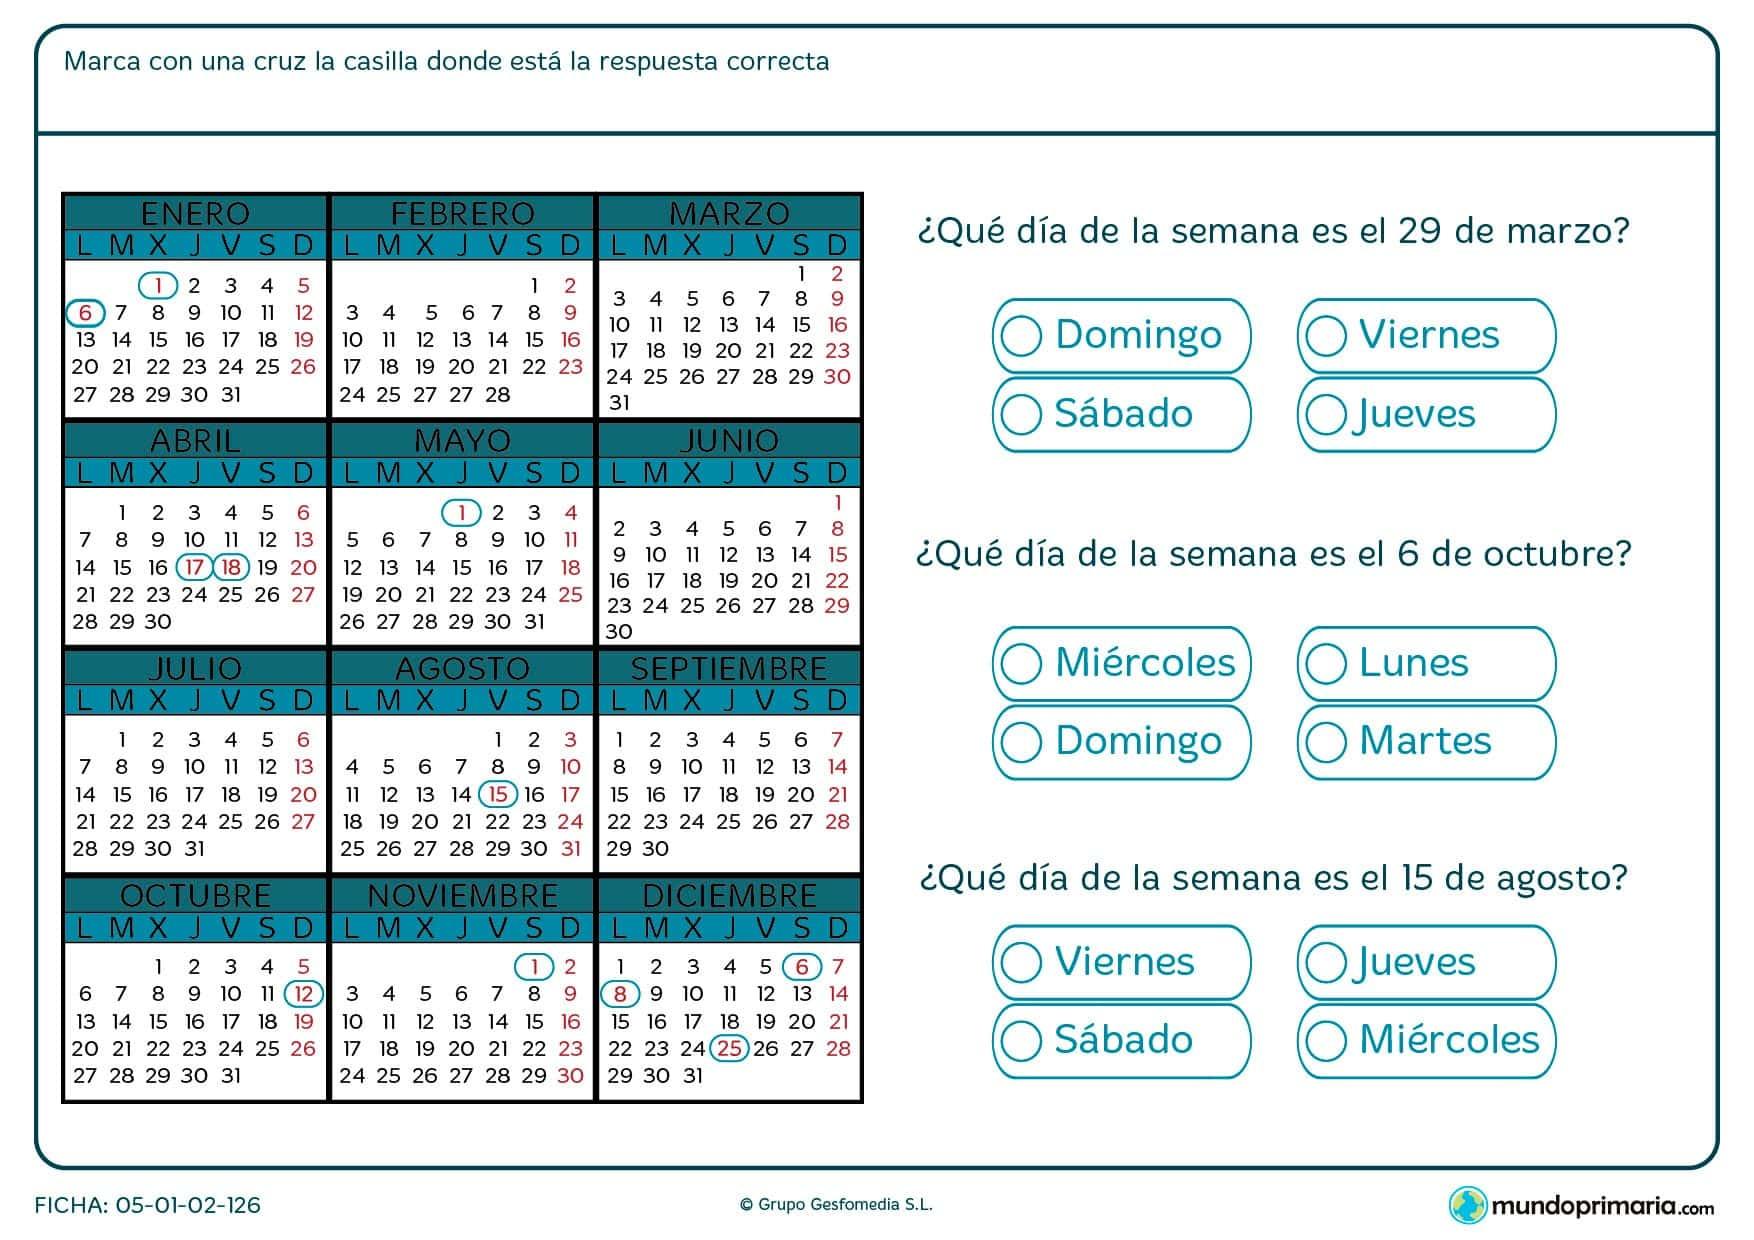 Ficha de calendario en la que deberás encontrar un día del año concreto que se te pide dentro de un calendario.